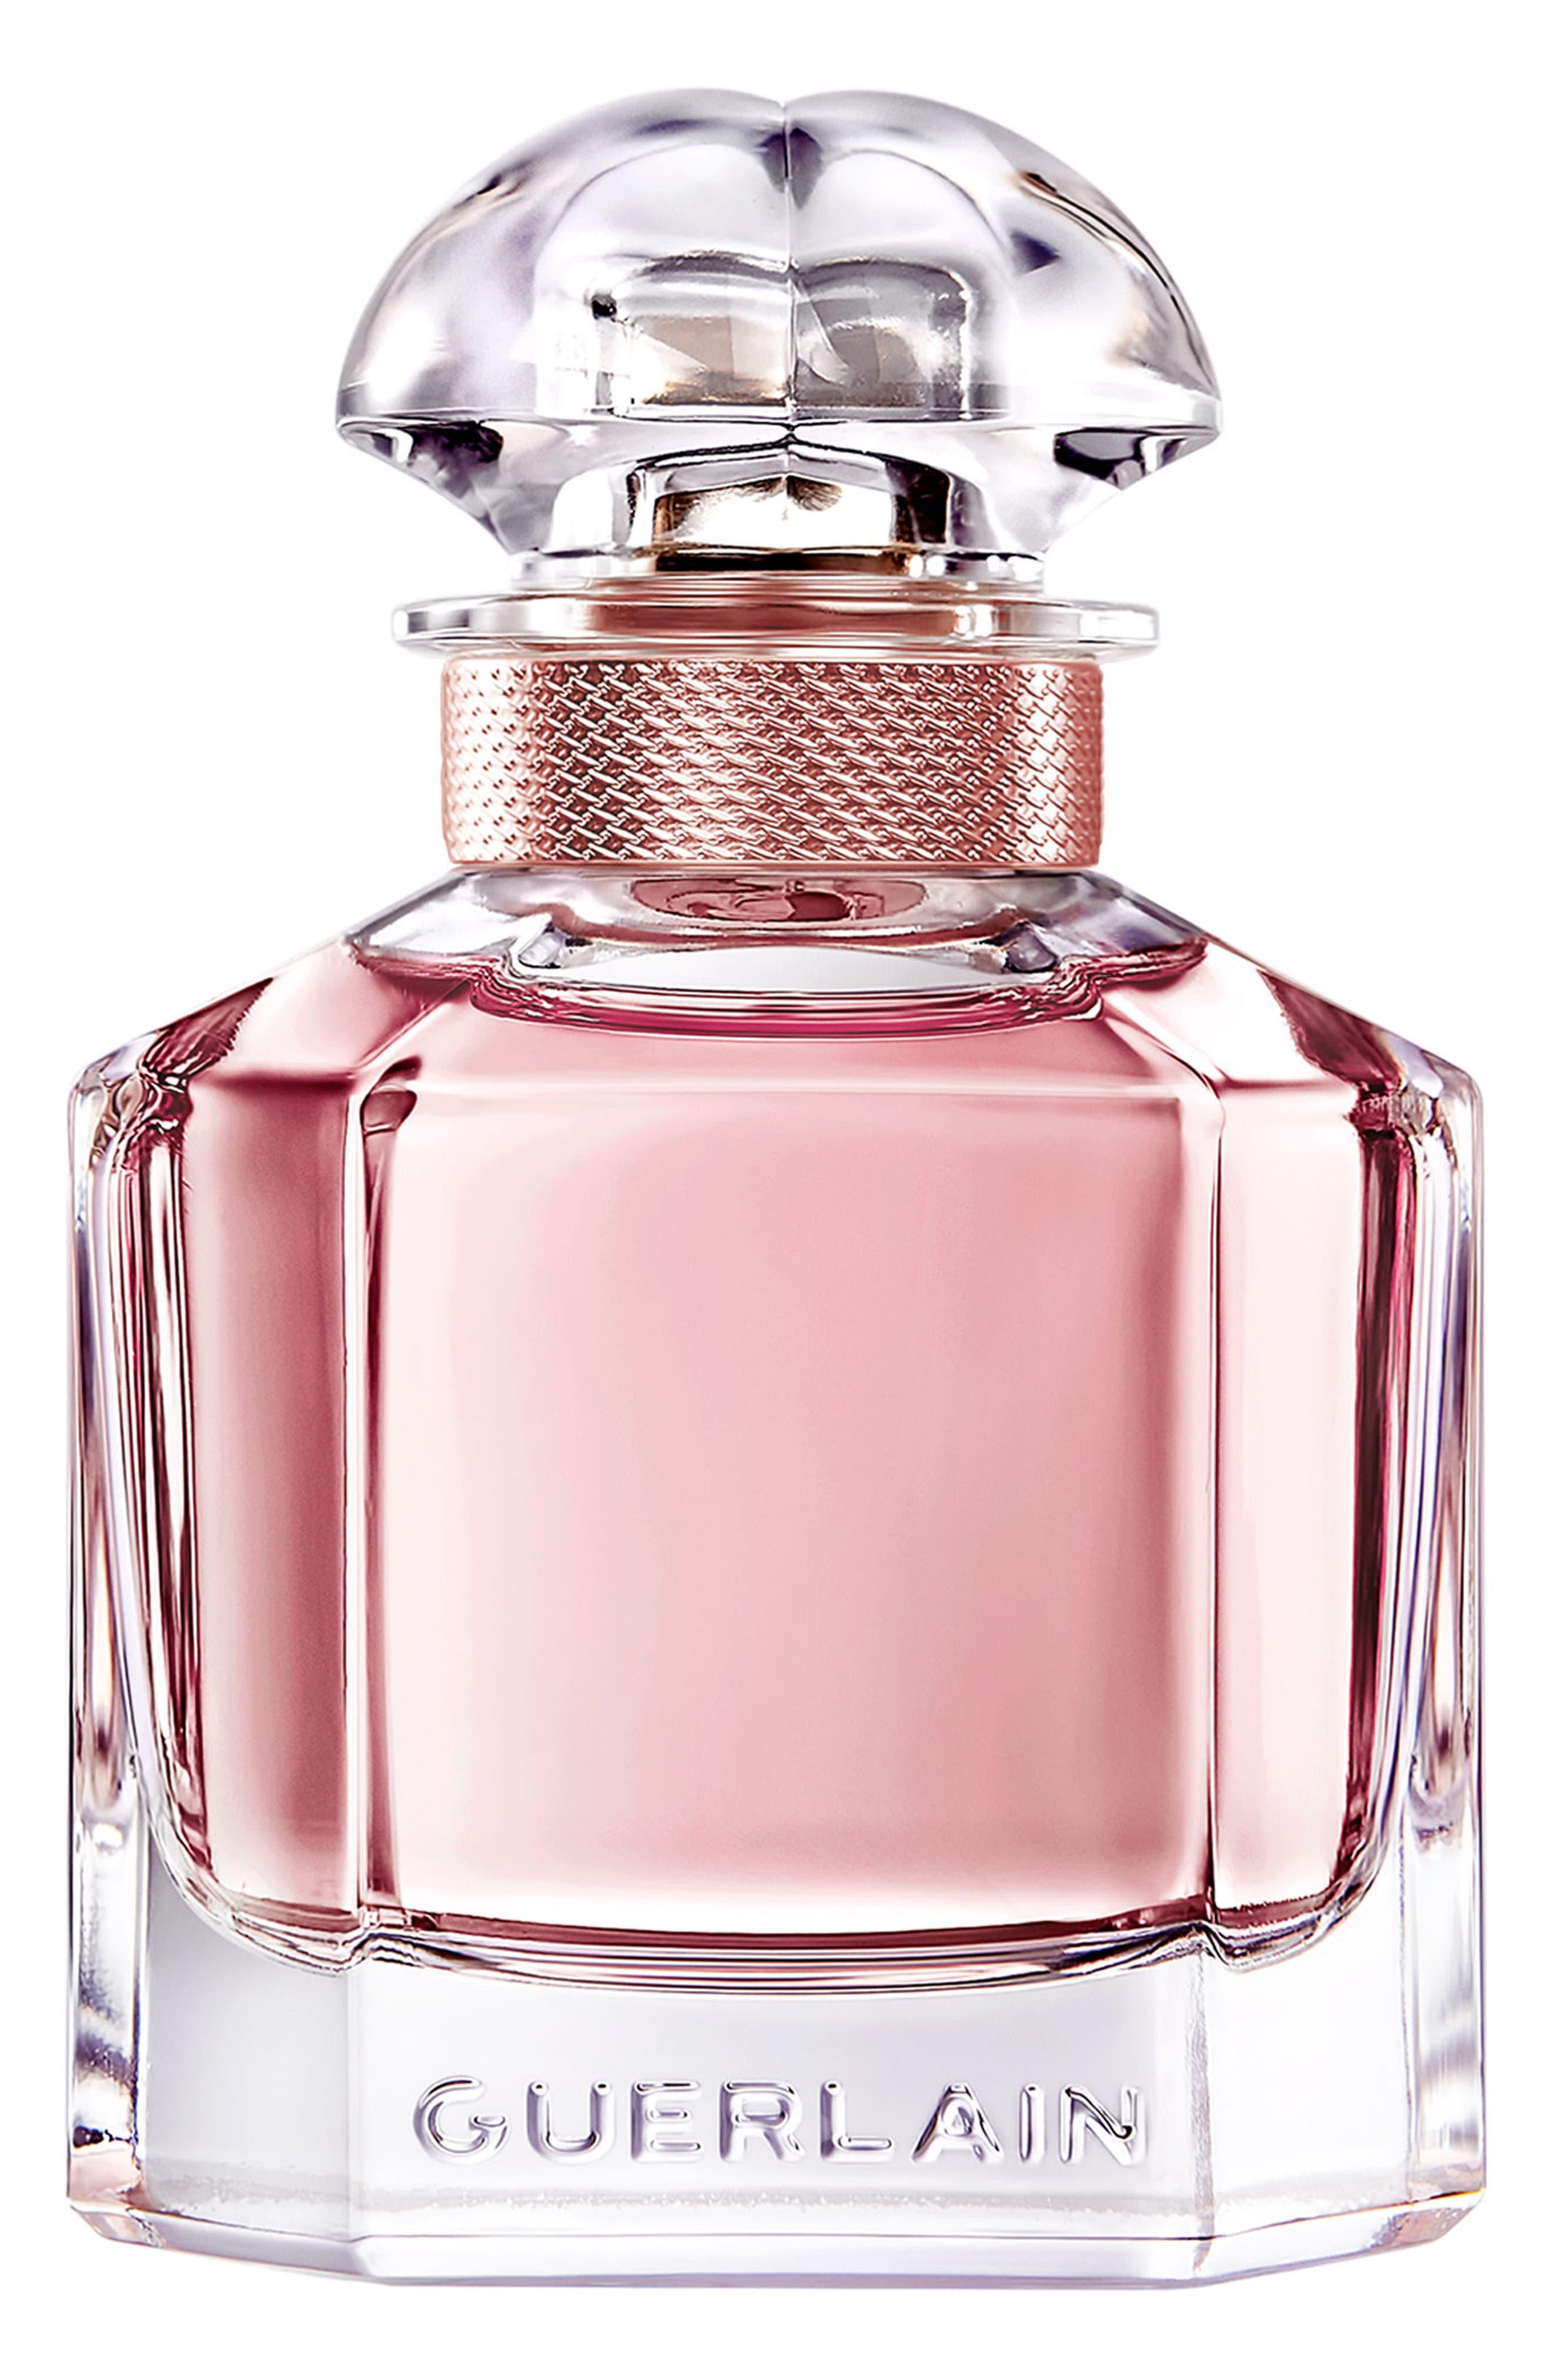 Mon Guerlain Eau De Parfum Florale by Guerlain